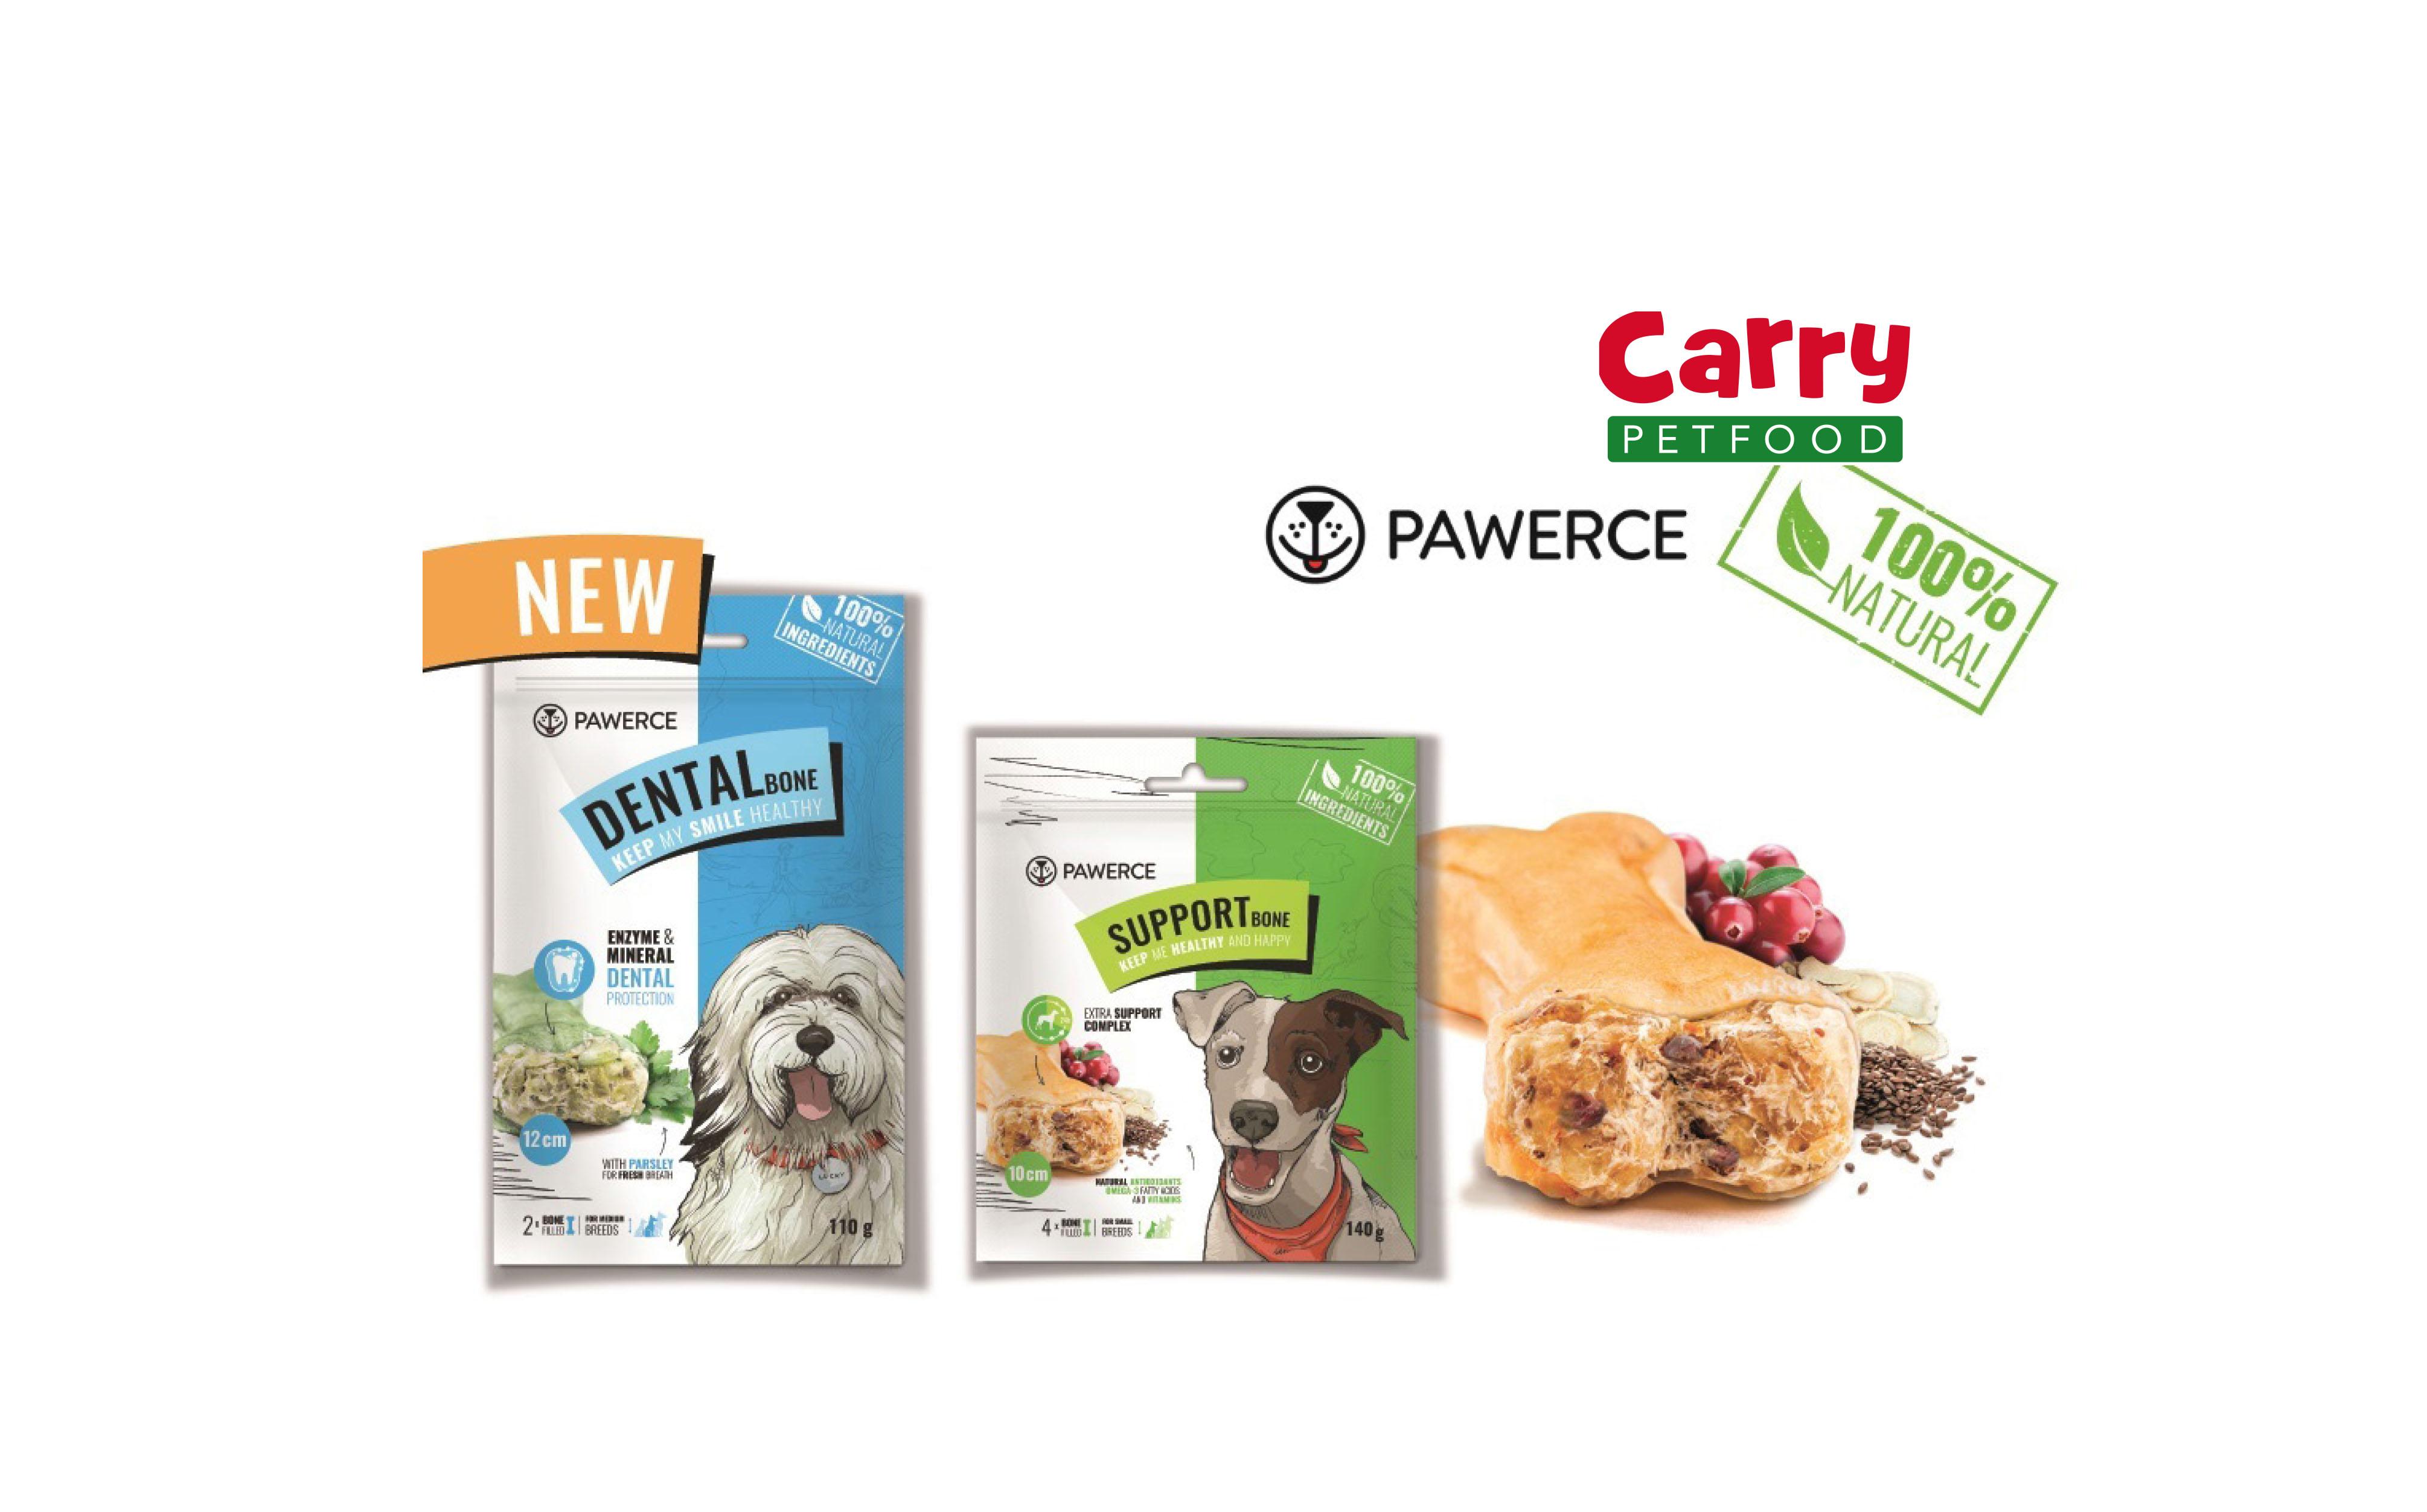 Producent Carry Pet Food buduje sieć dystrybucji dla gryzaków  marki Pawerce